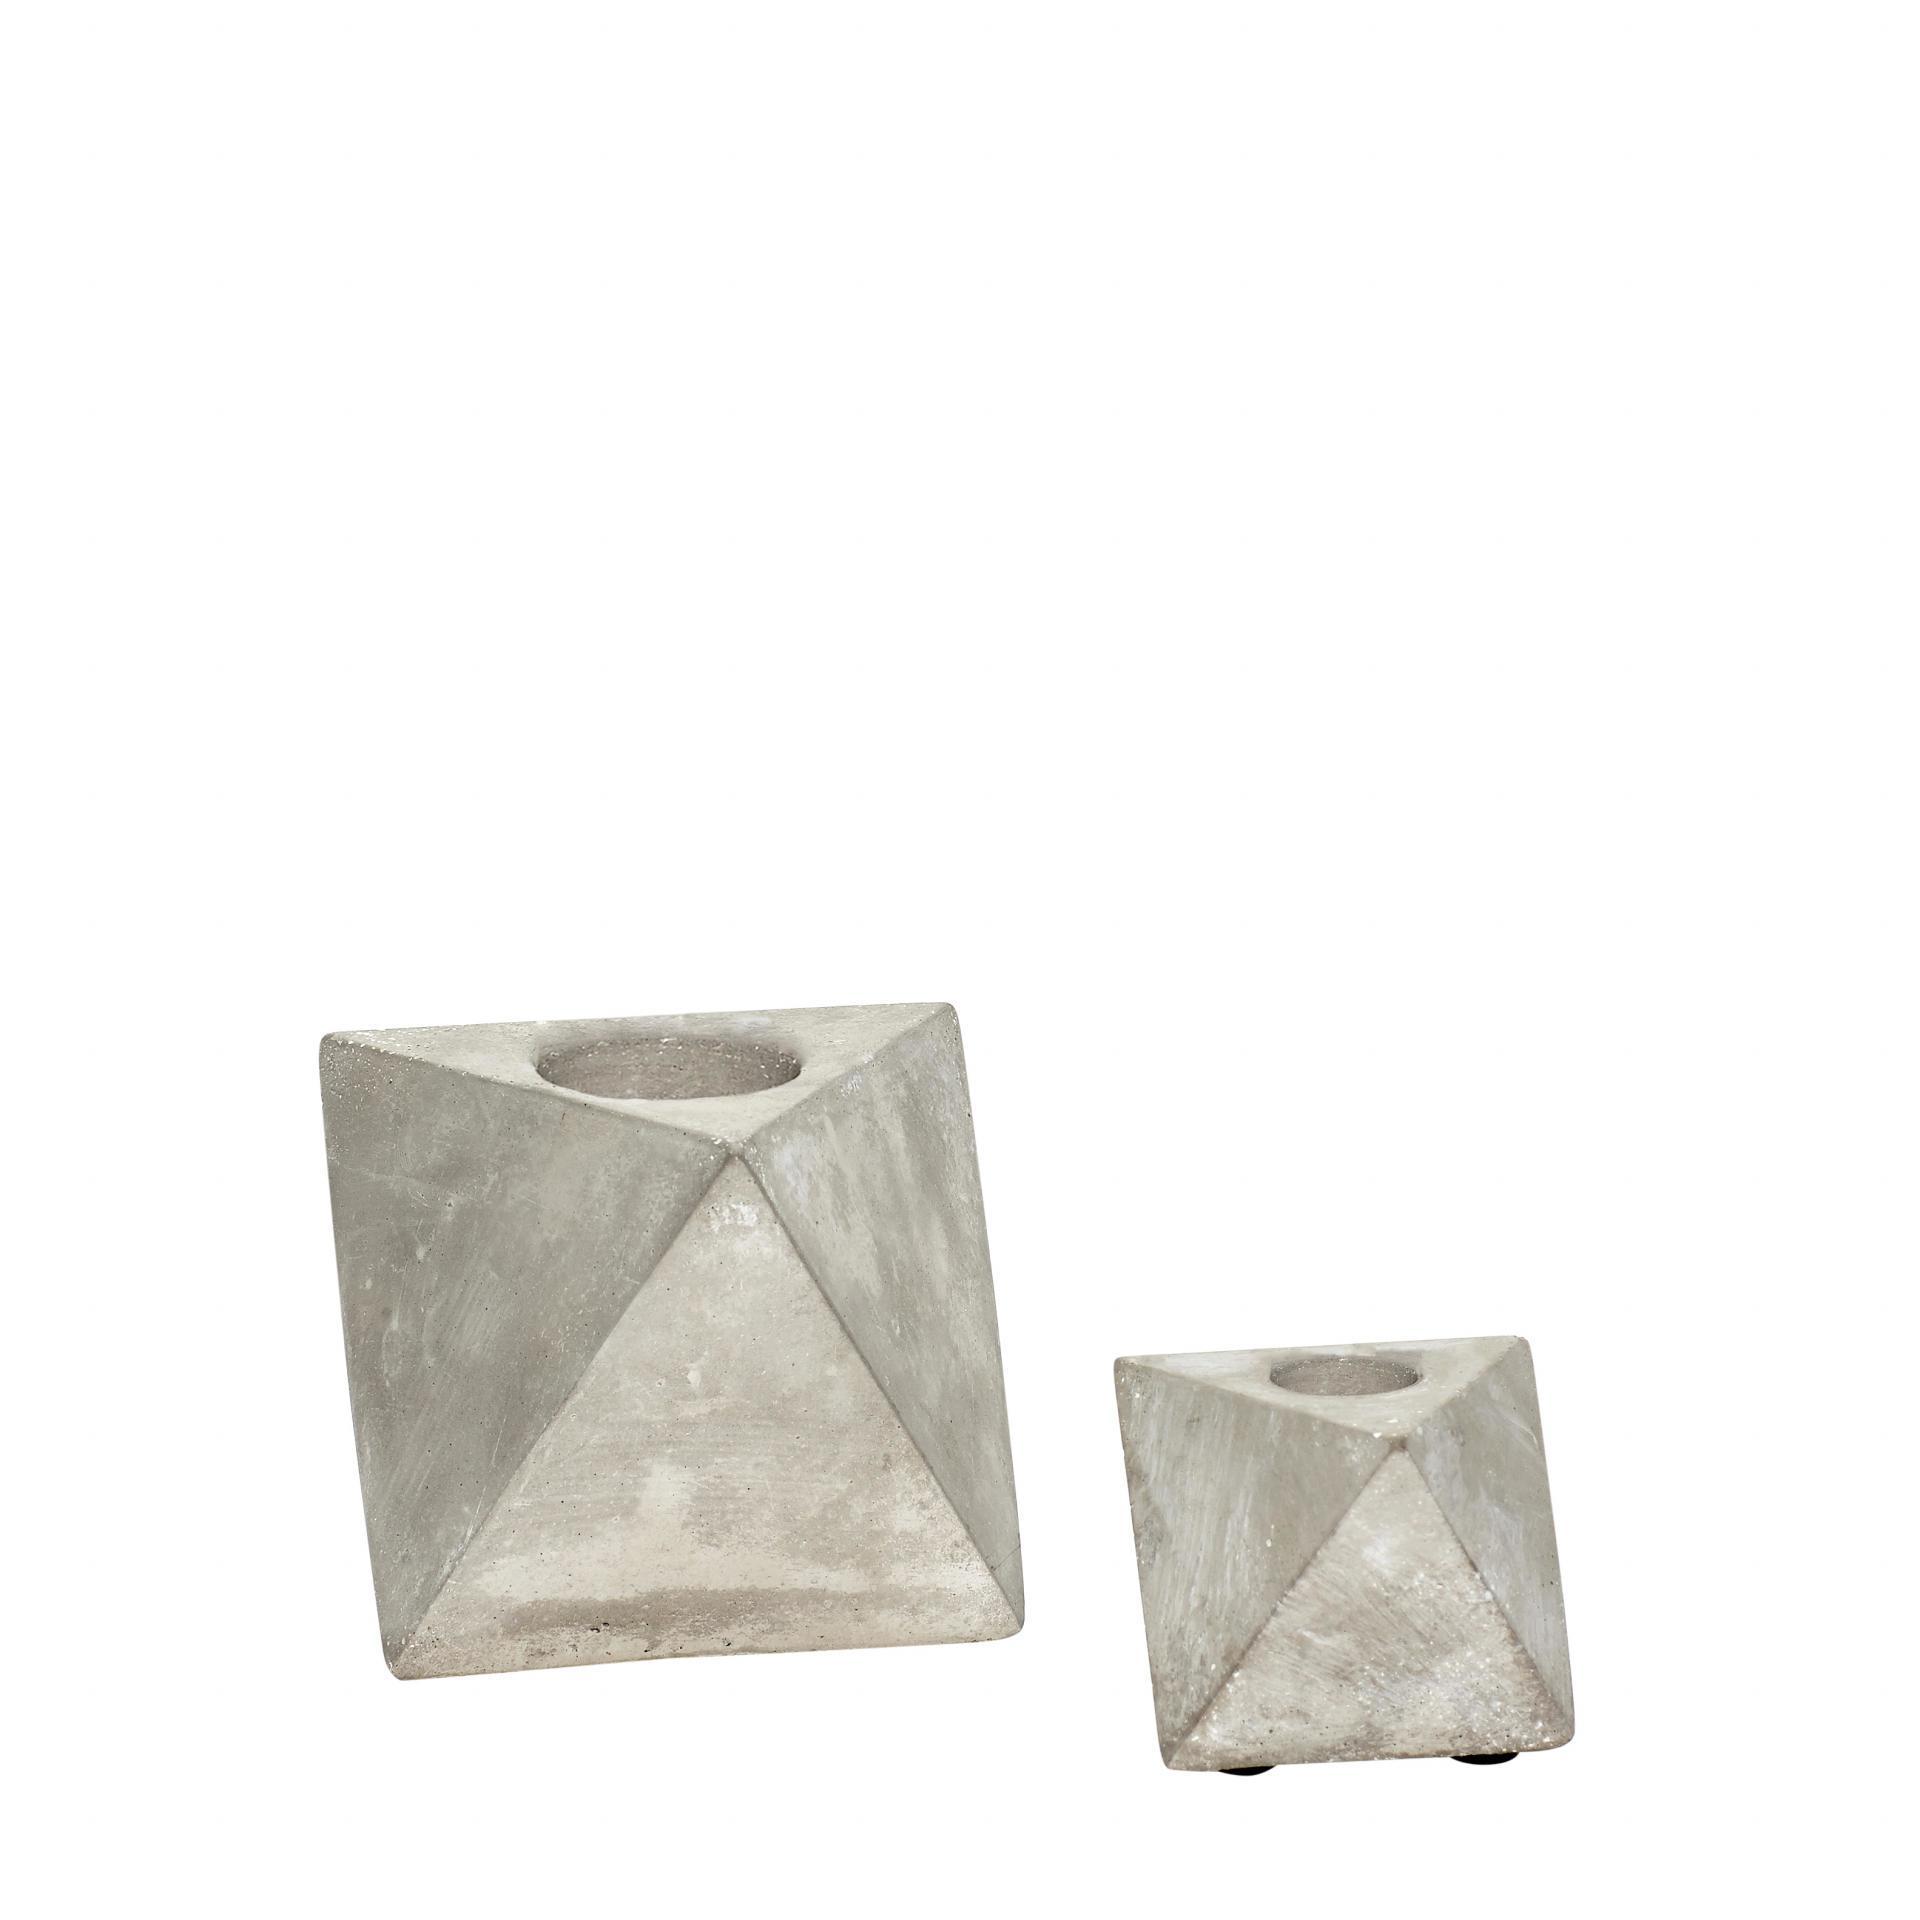 Hübsch Geometrický svícen Concrete Velikost S, šedá barva, beton